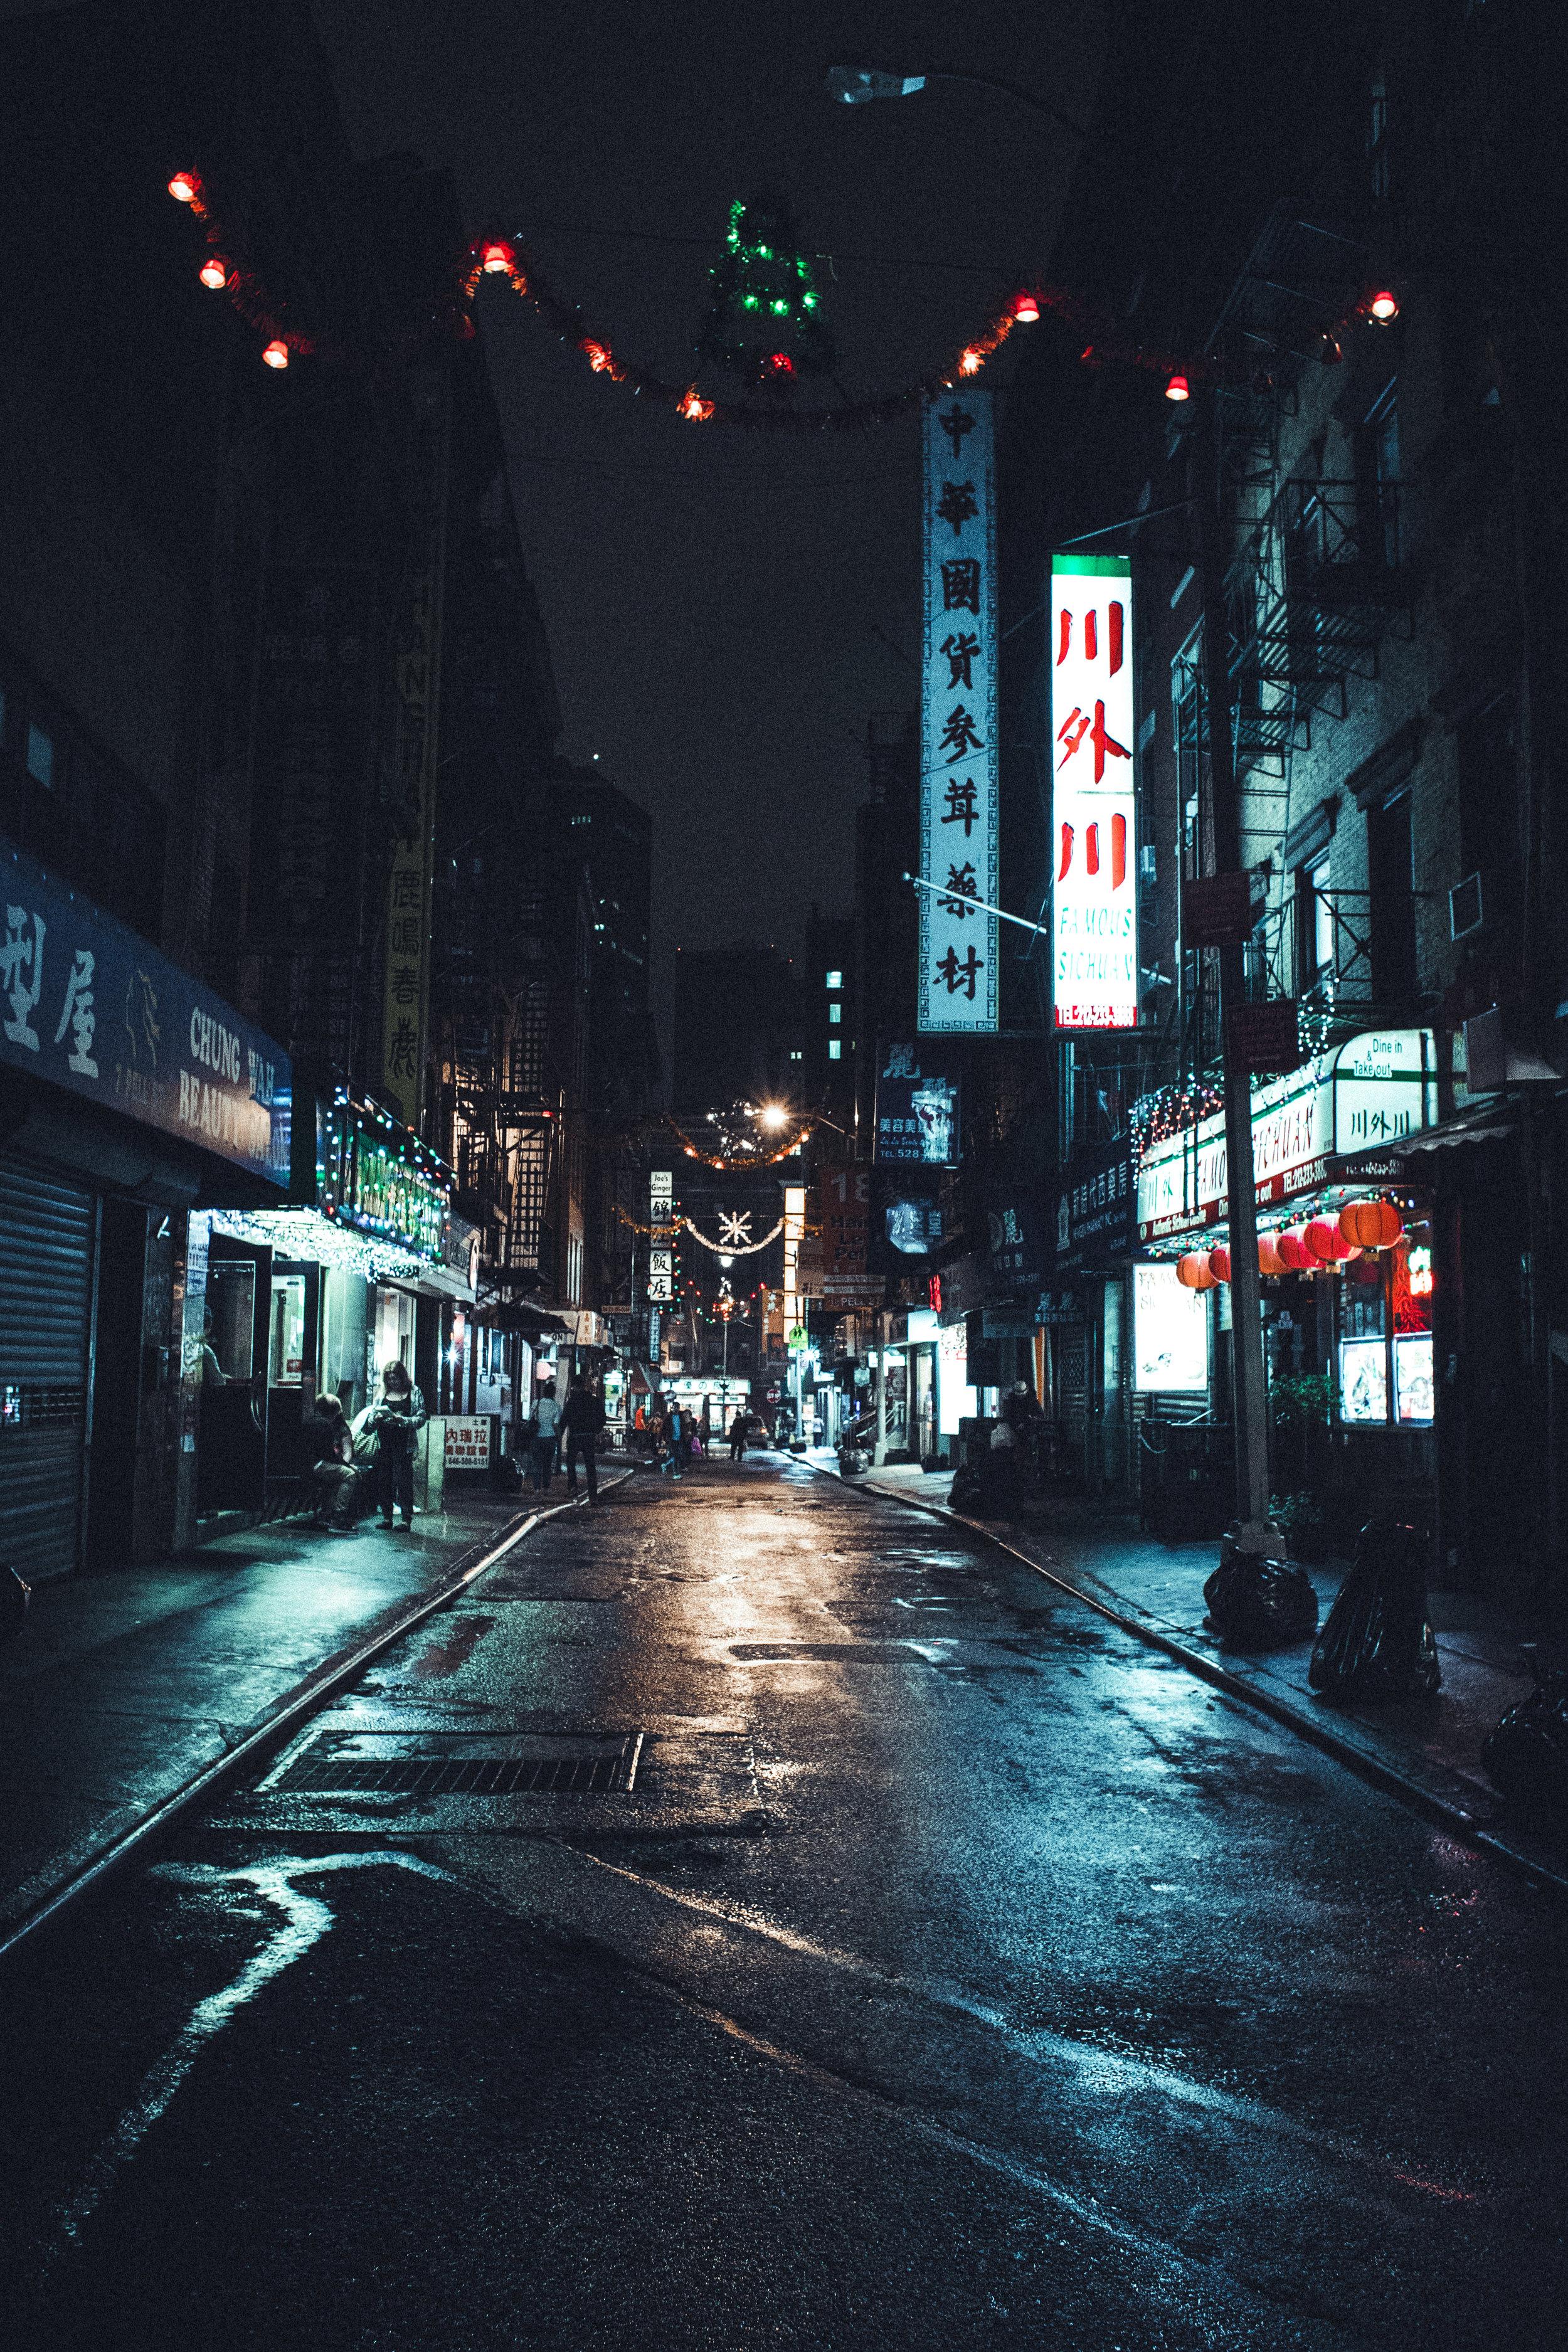 chinanight.jpg